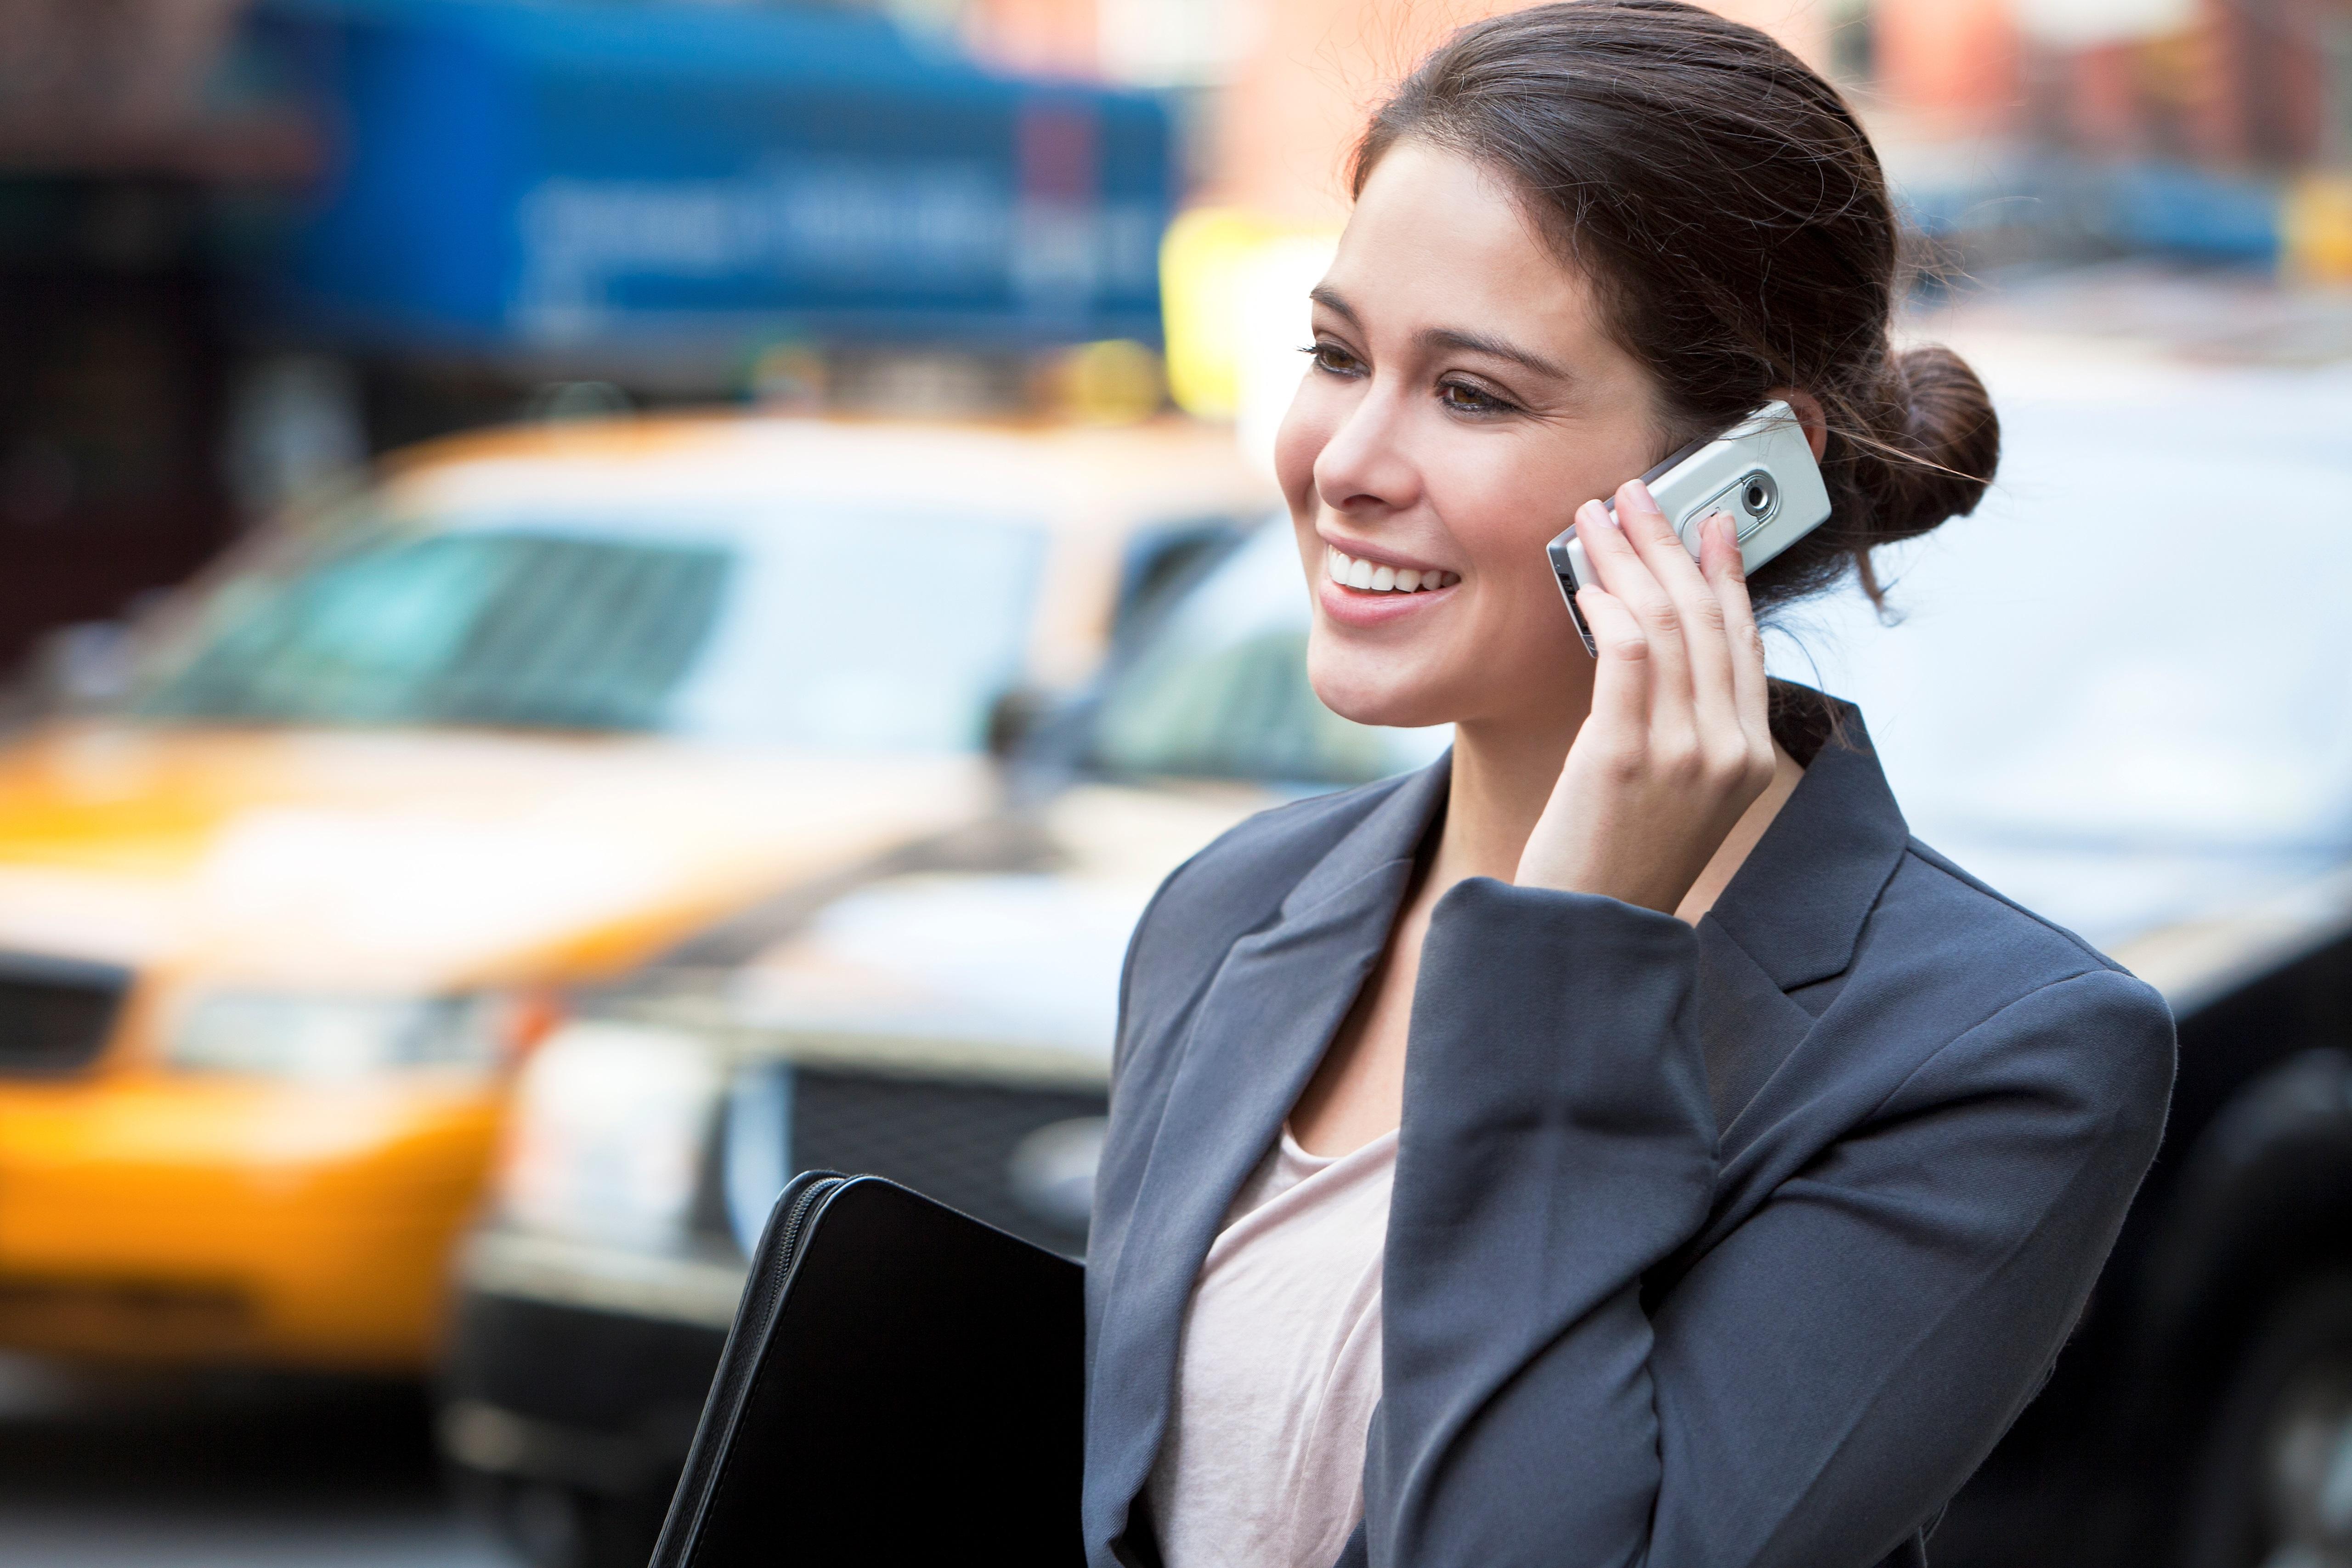 друзья звонят по телефону картинки небородатых включает